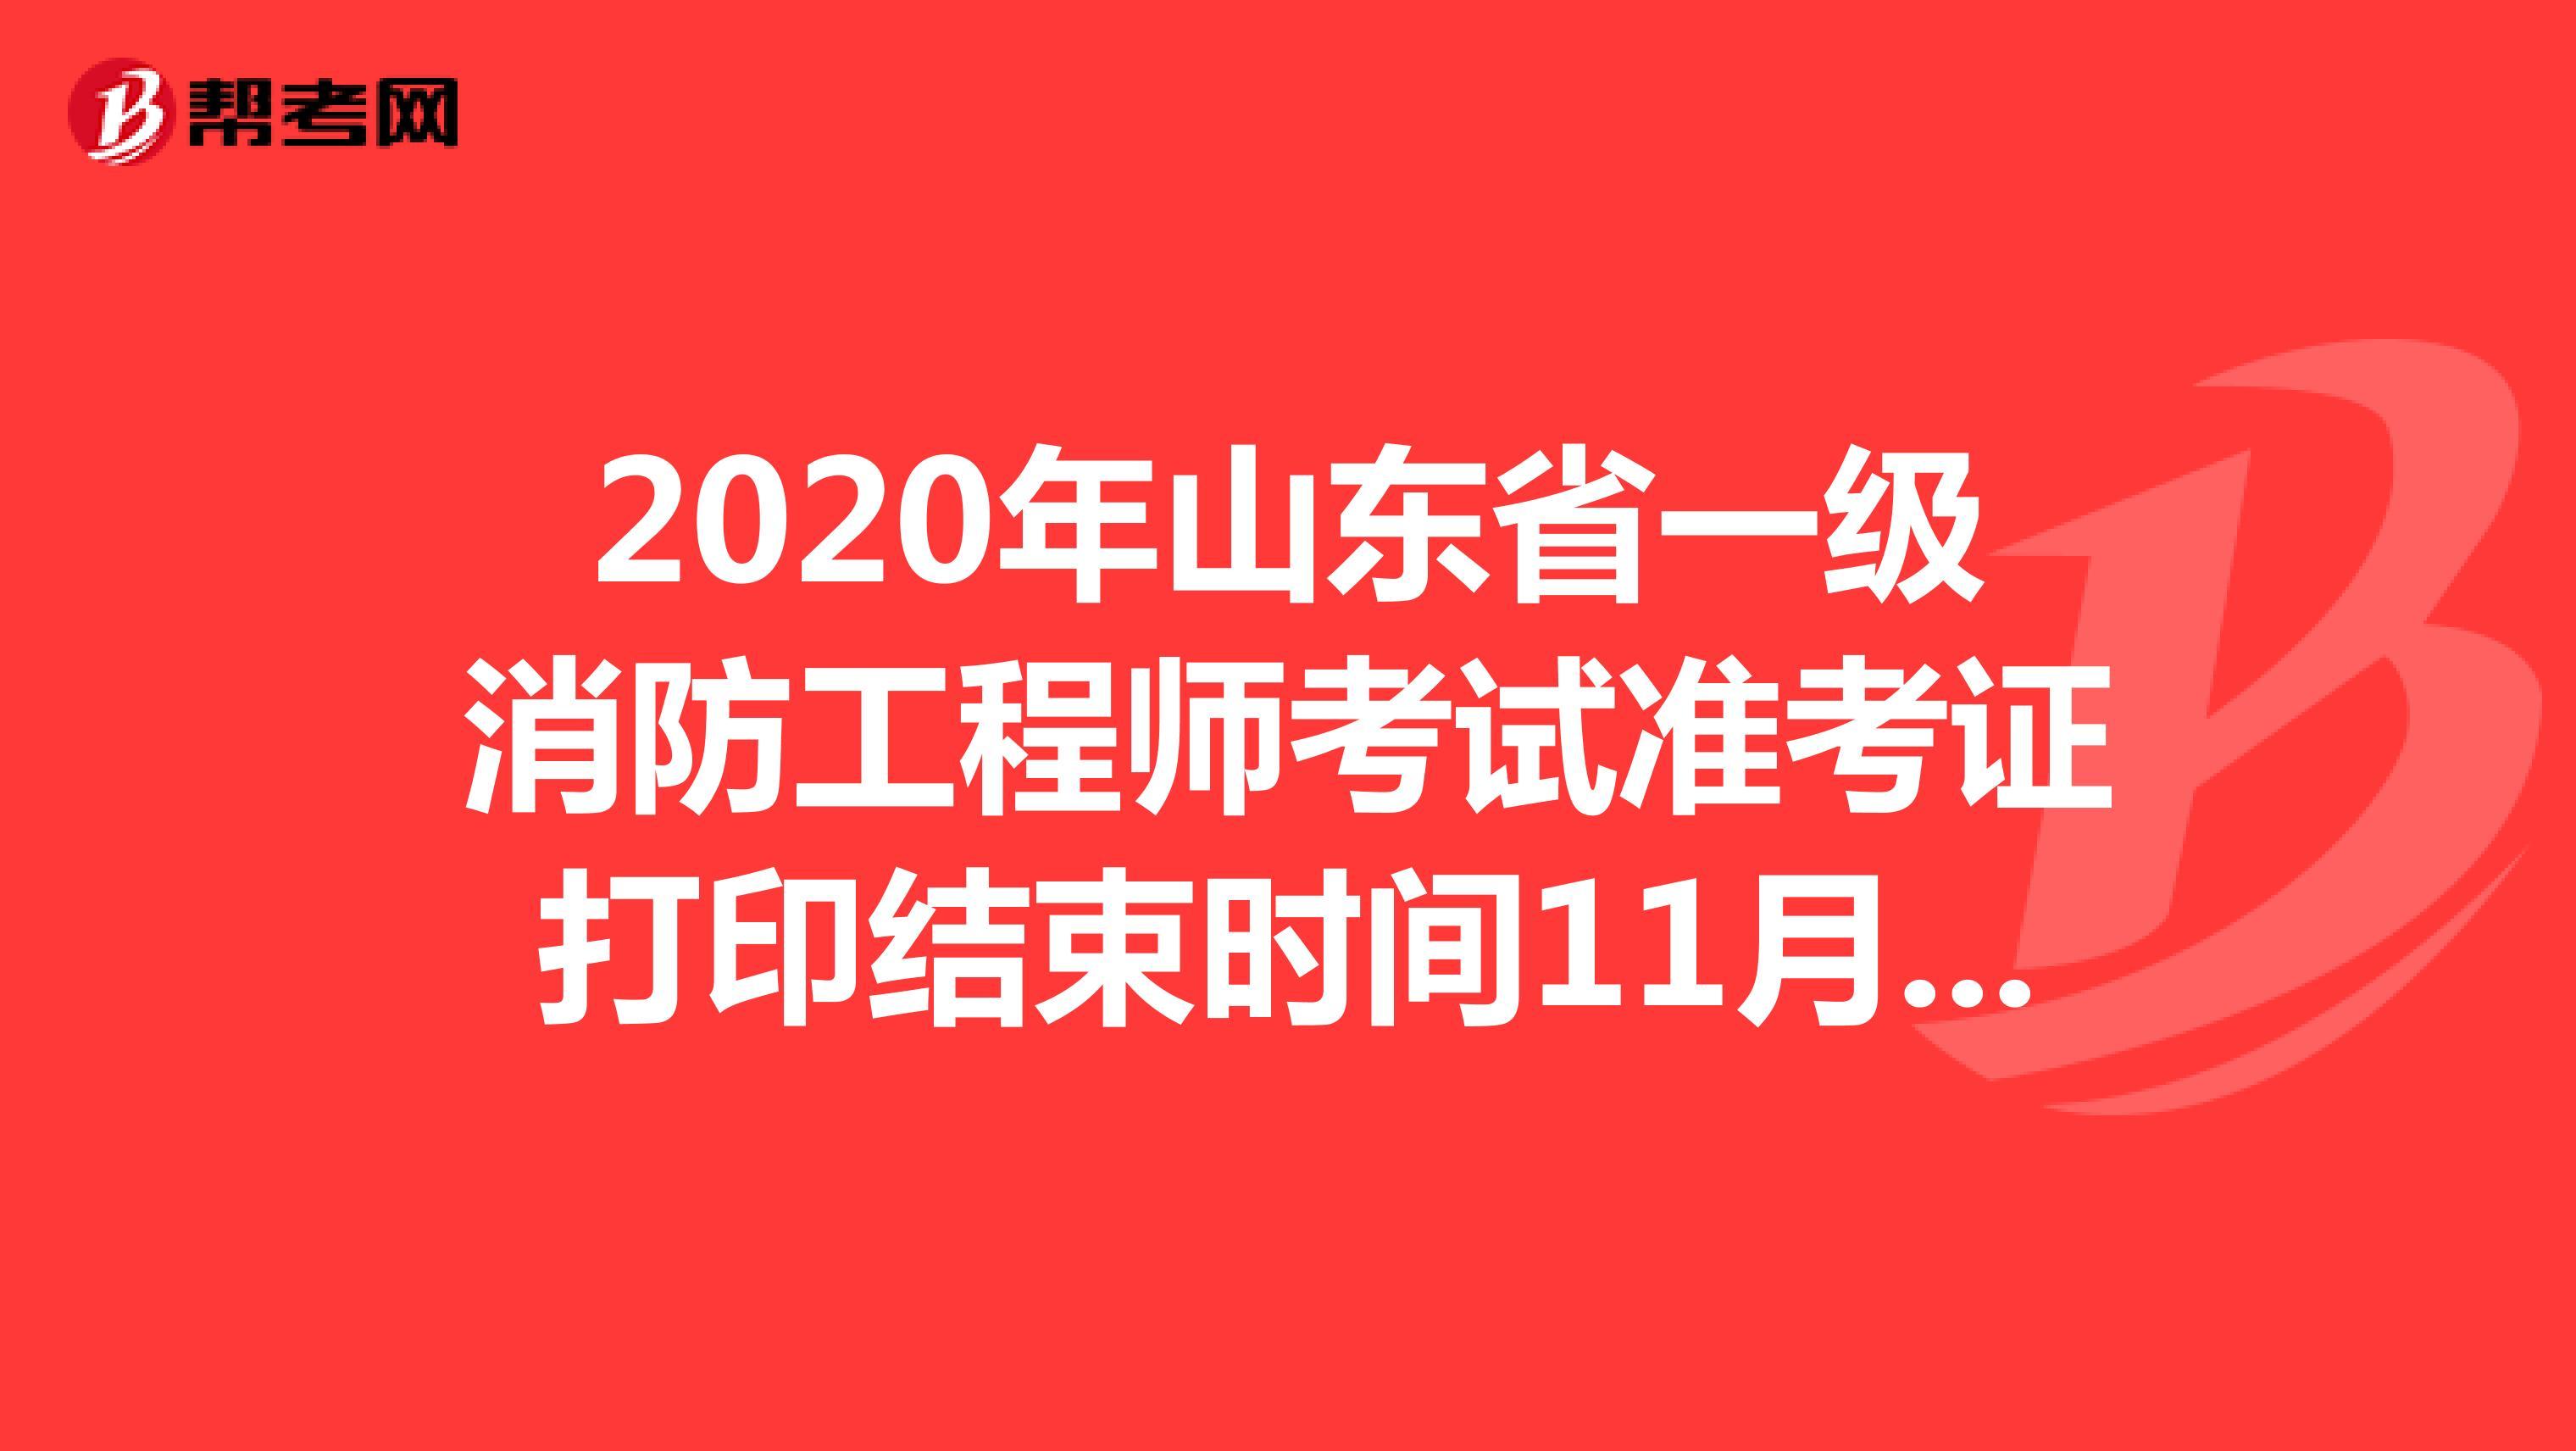 2020年山东省一级消防工程师考试准考证打印结束时间11月8日